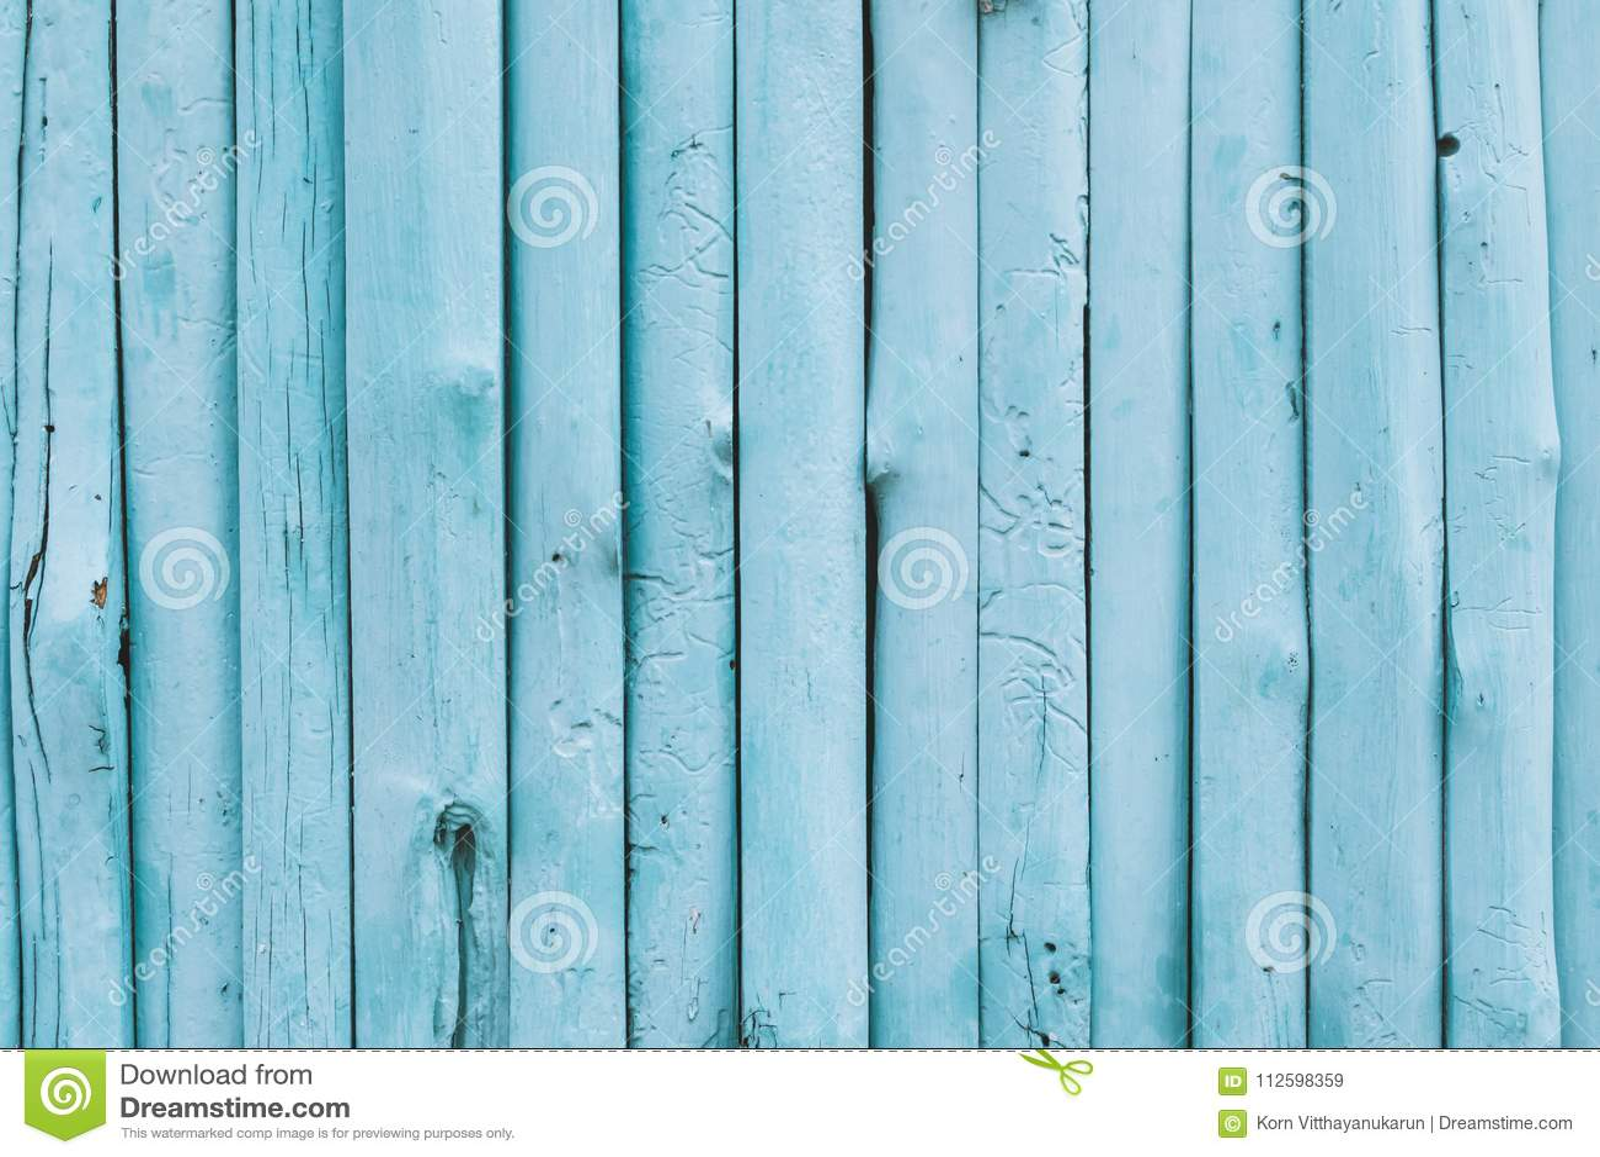 Blauwe oceaankleuren houten achtergrond